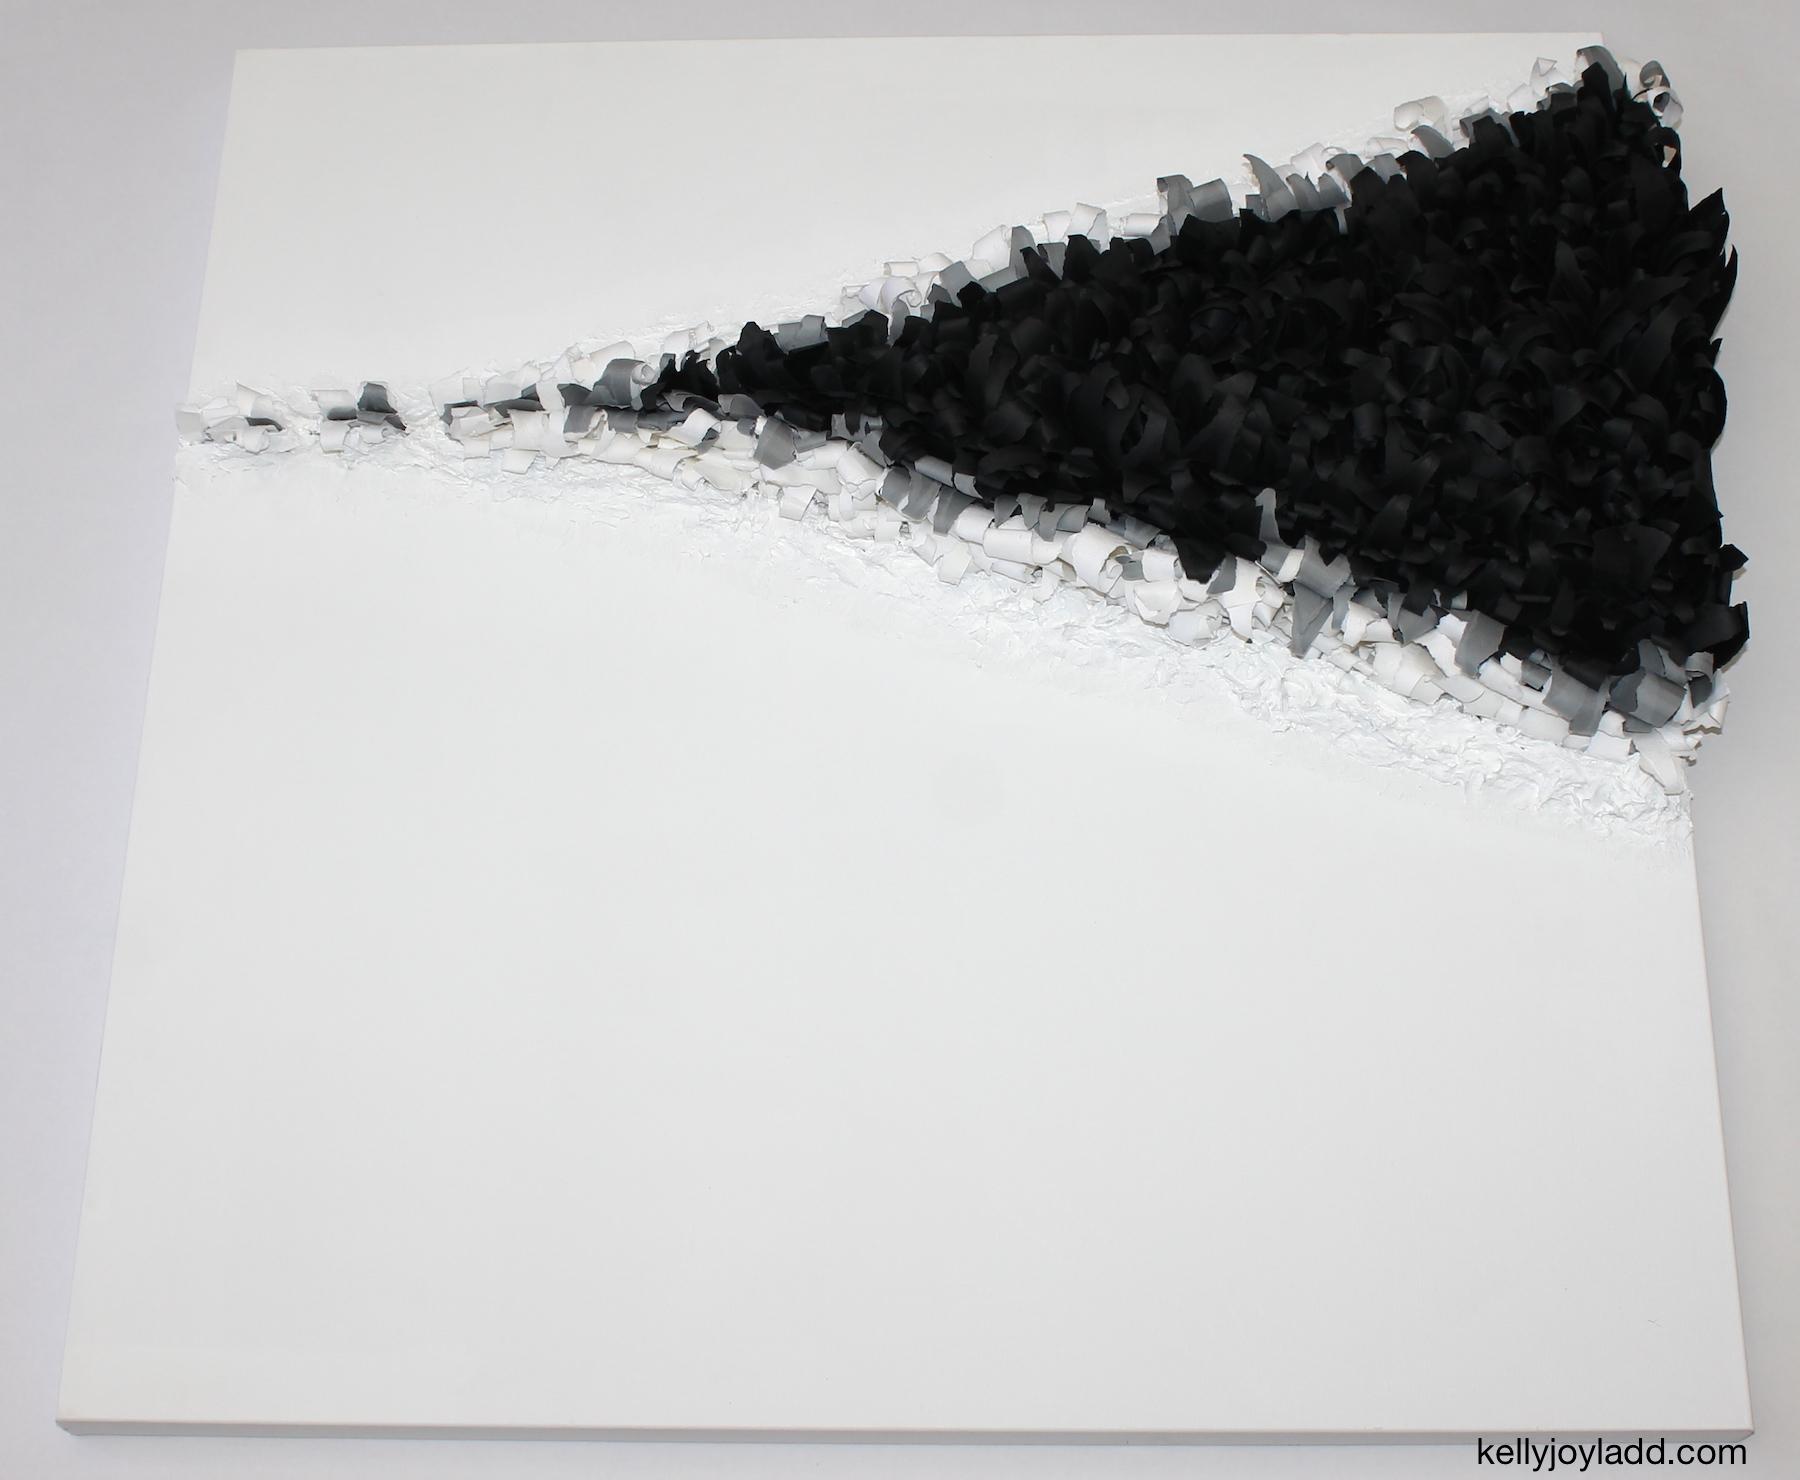 interdimensional tear; kellyjoyladd.com